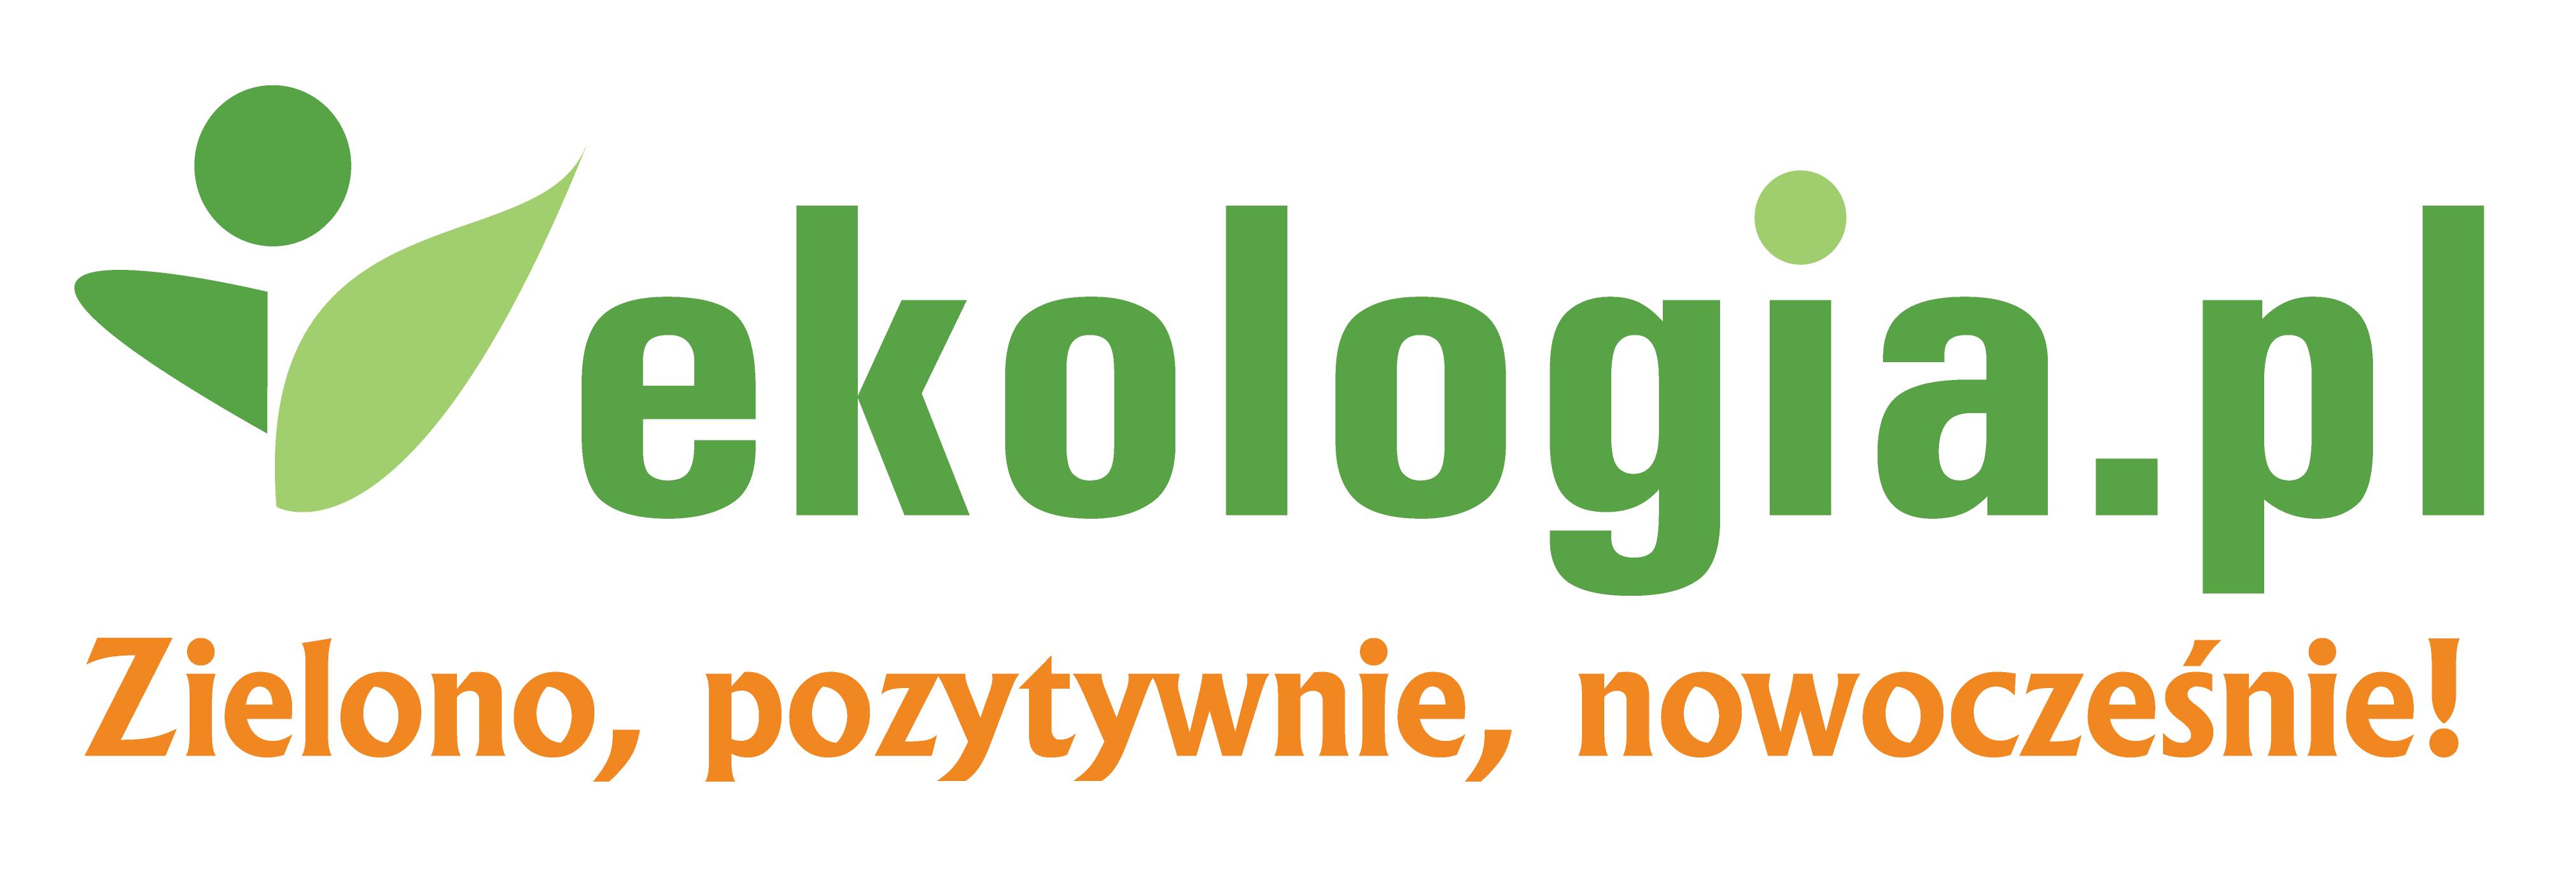 ekologia.pl 2021